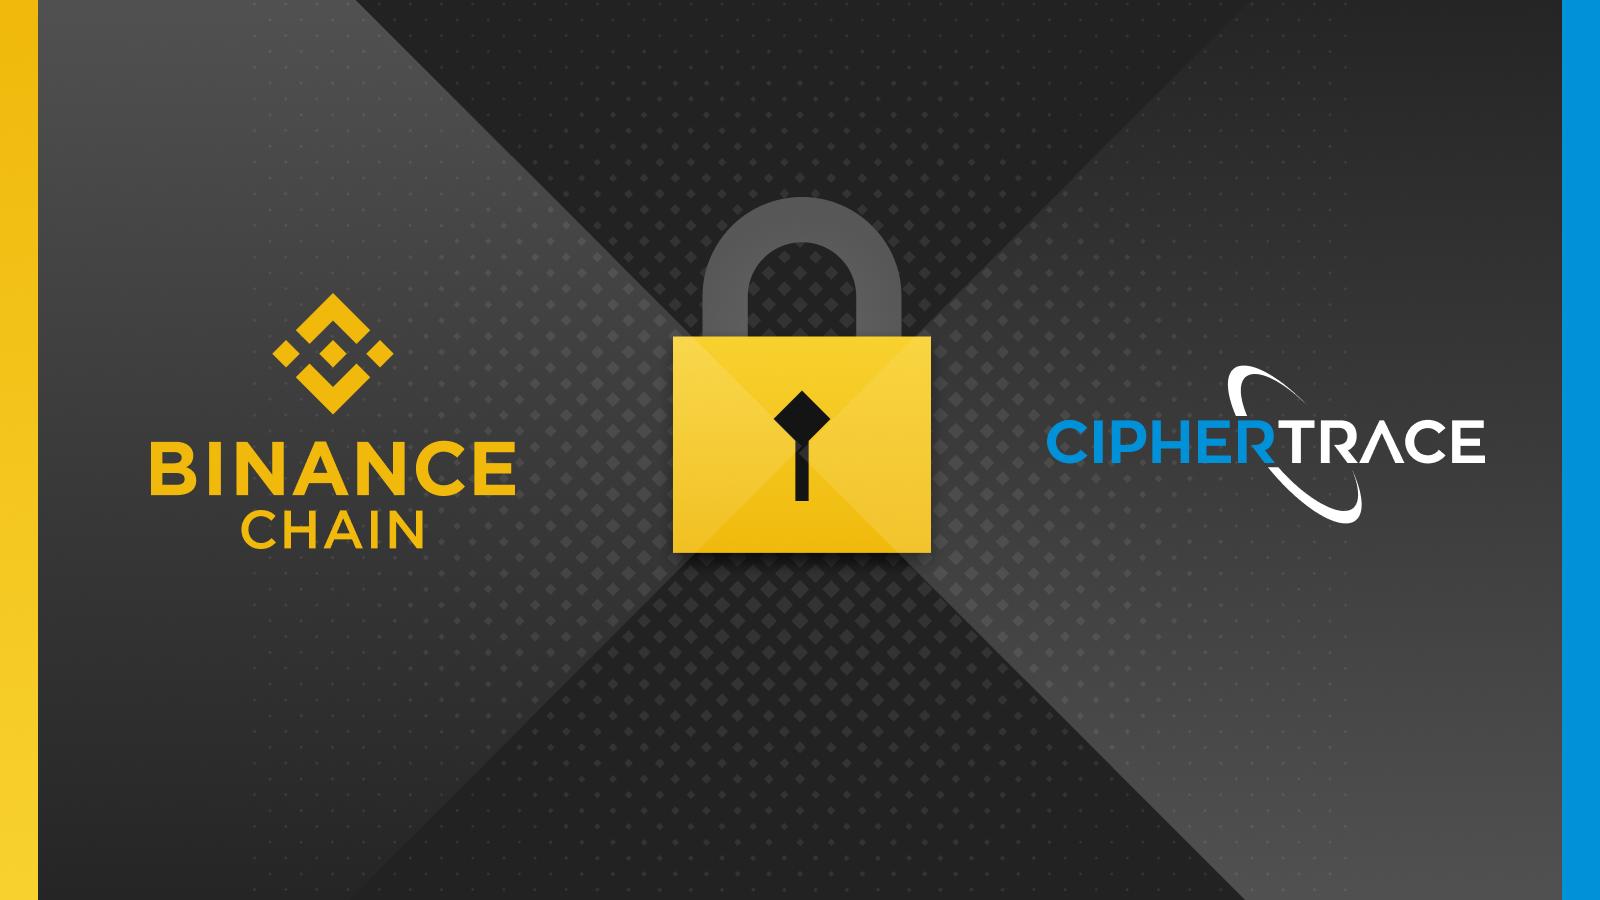 Binance hợp tác với ciphertrace